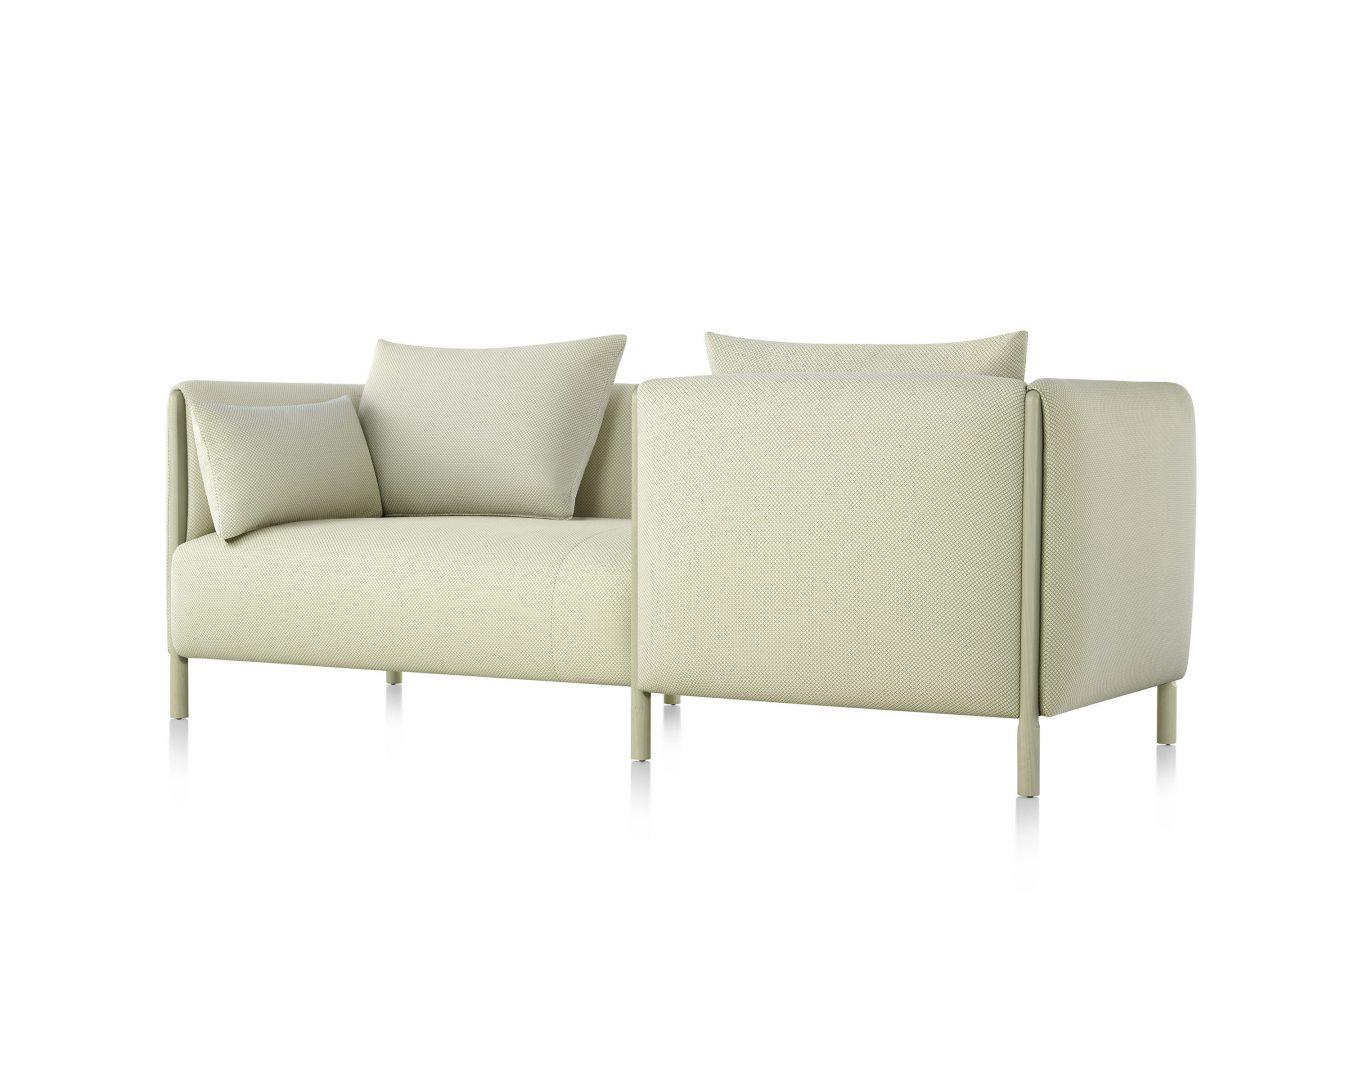 Herman Miller ColourForm Sofa Group - Bakata Design